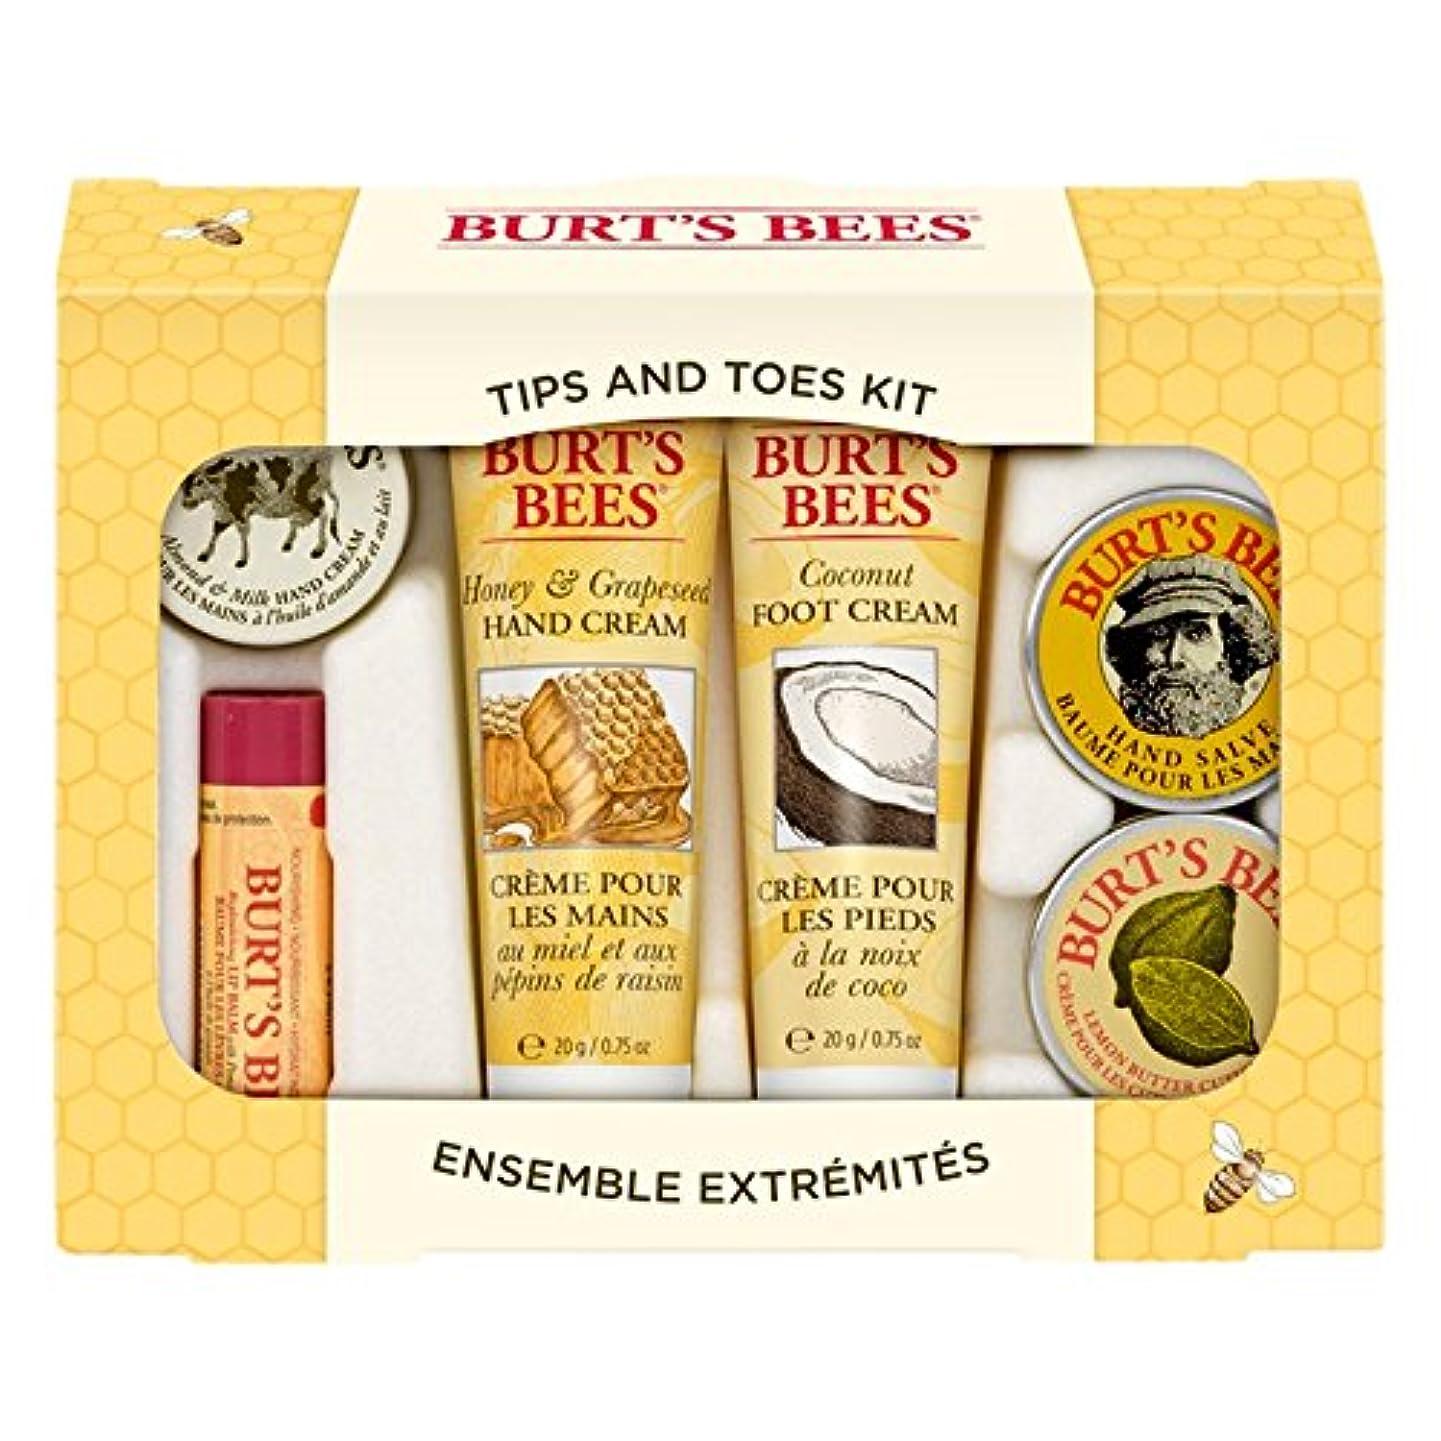 付録会話倍増バーツビーのヒントとつま先はスターターキットをスキンケア (Burt's Bees) (x2) - Burt's Bees Tips And Toes Skincare Starter Kit (Pack of 2) [...